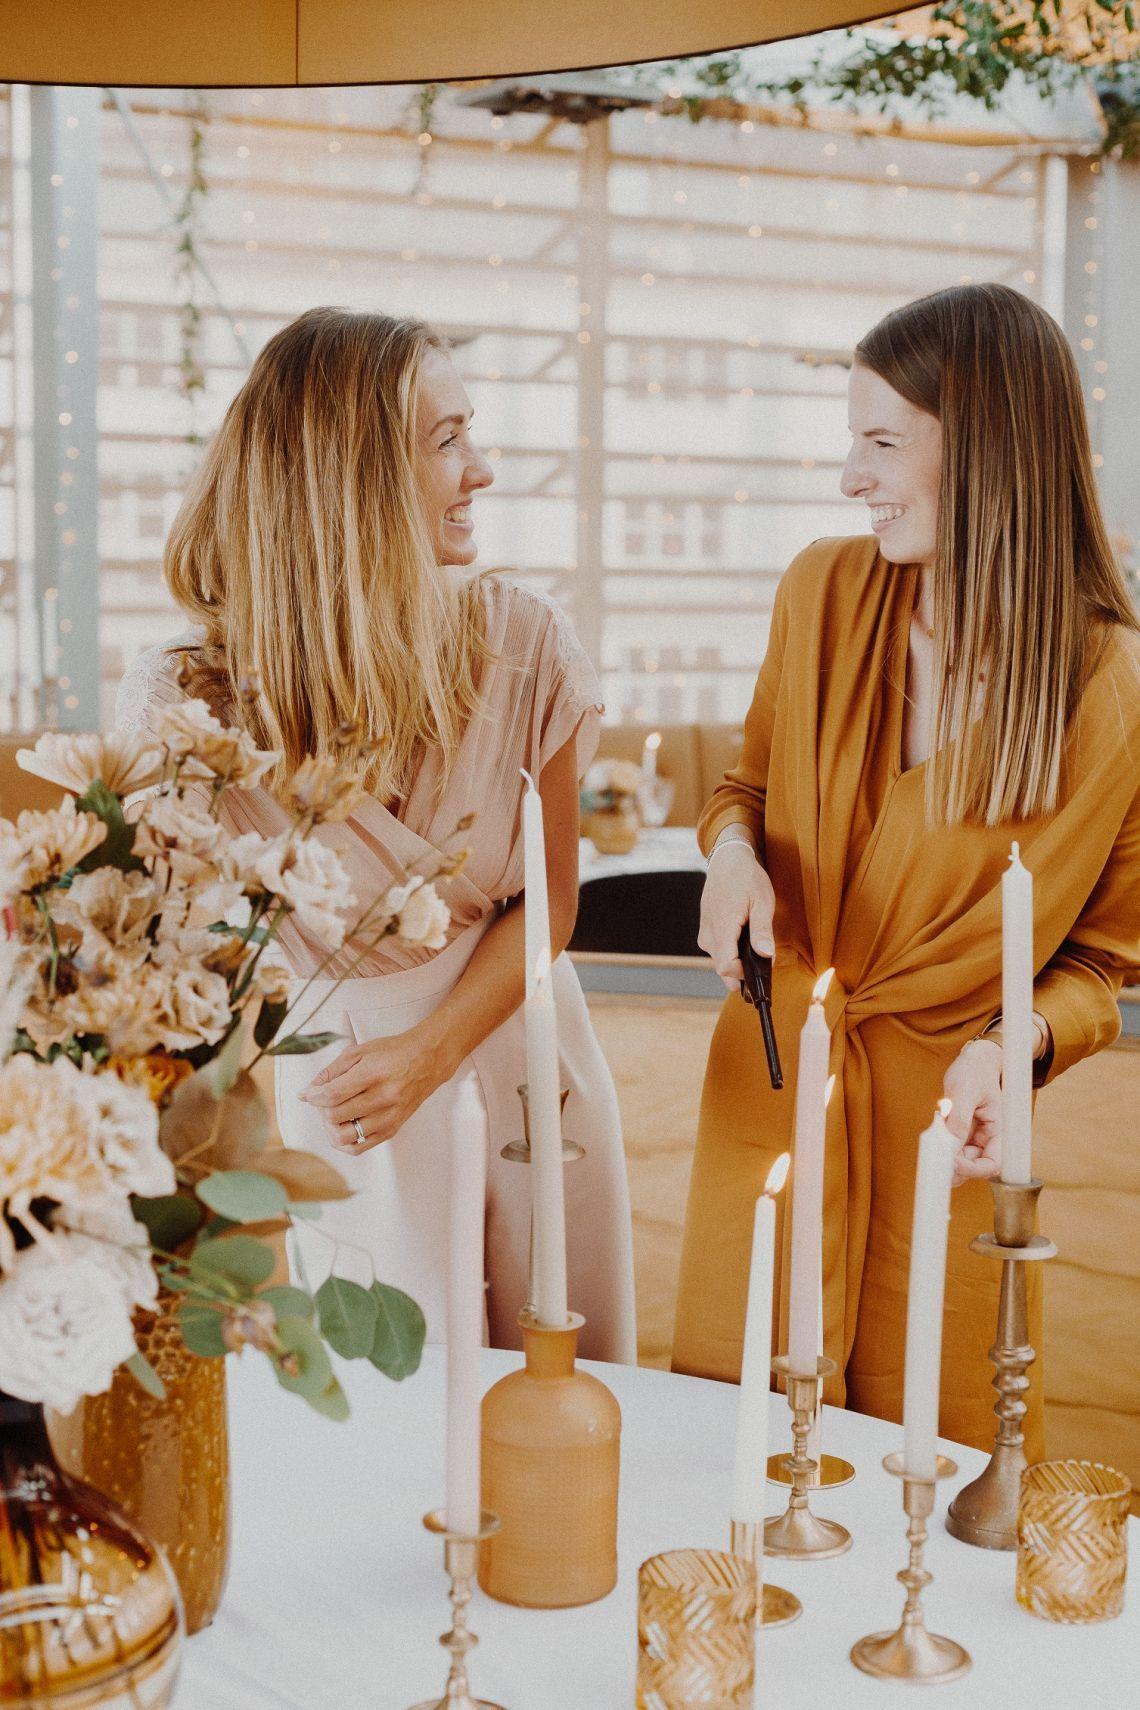 Weiterbildung zum Wedding Planner: Nutzen Sie den Aufschwung in der Hochzeitsbranche